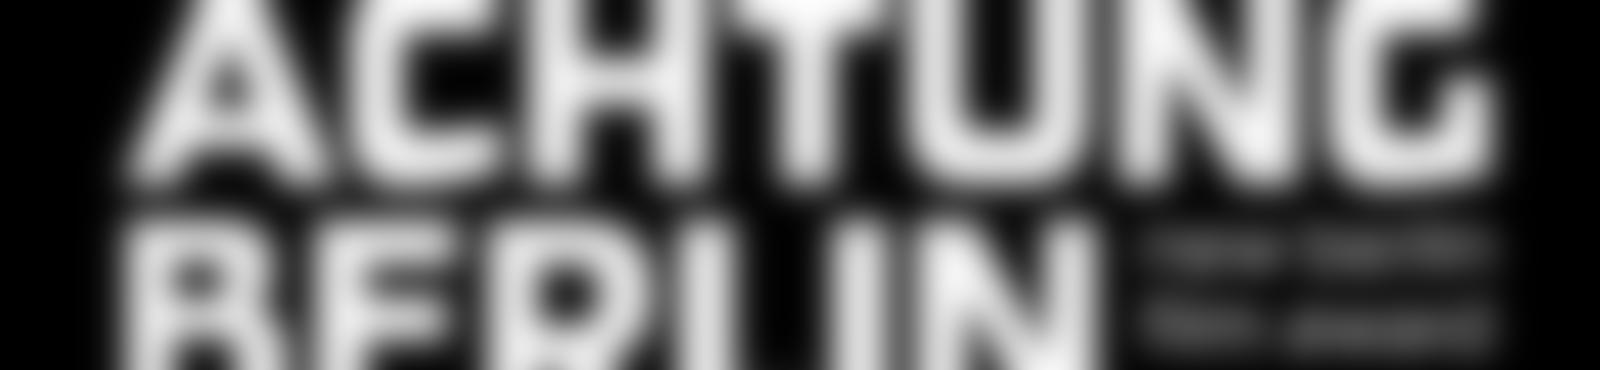 Blurred cc3b3191 b1fb 4f5b 83b8 d3fc87982bd5